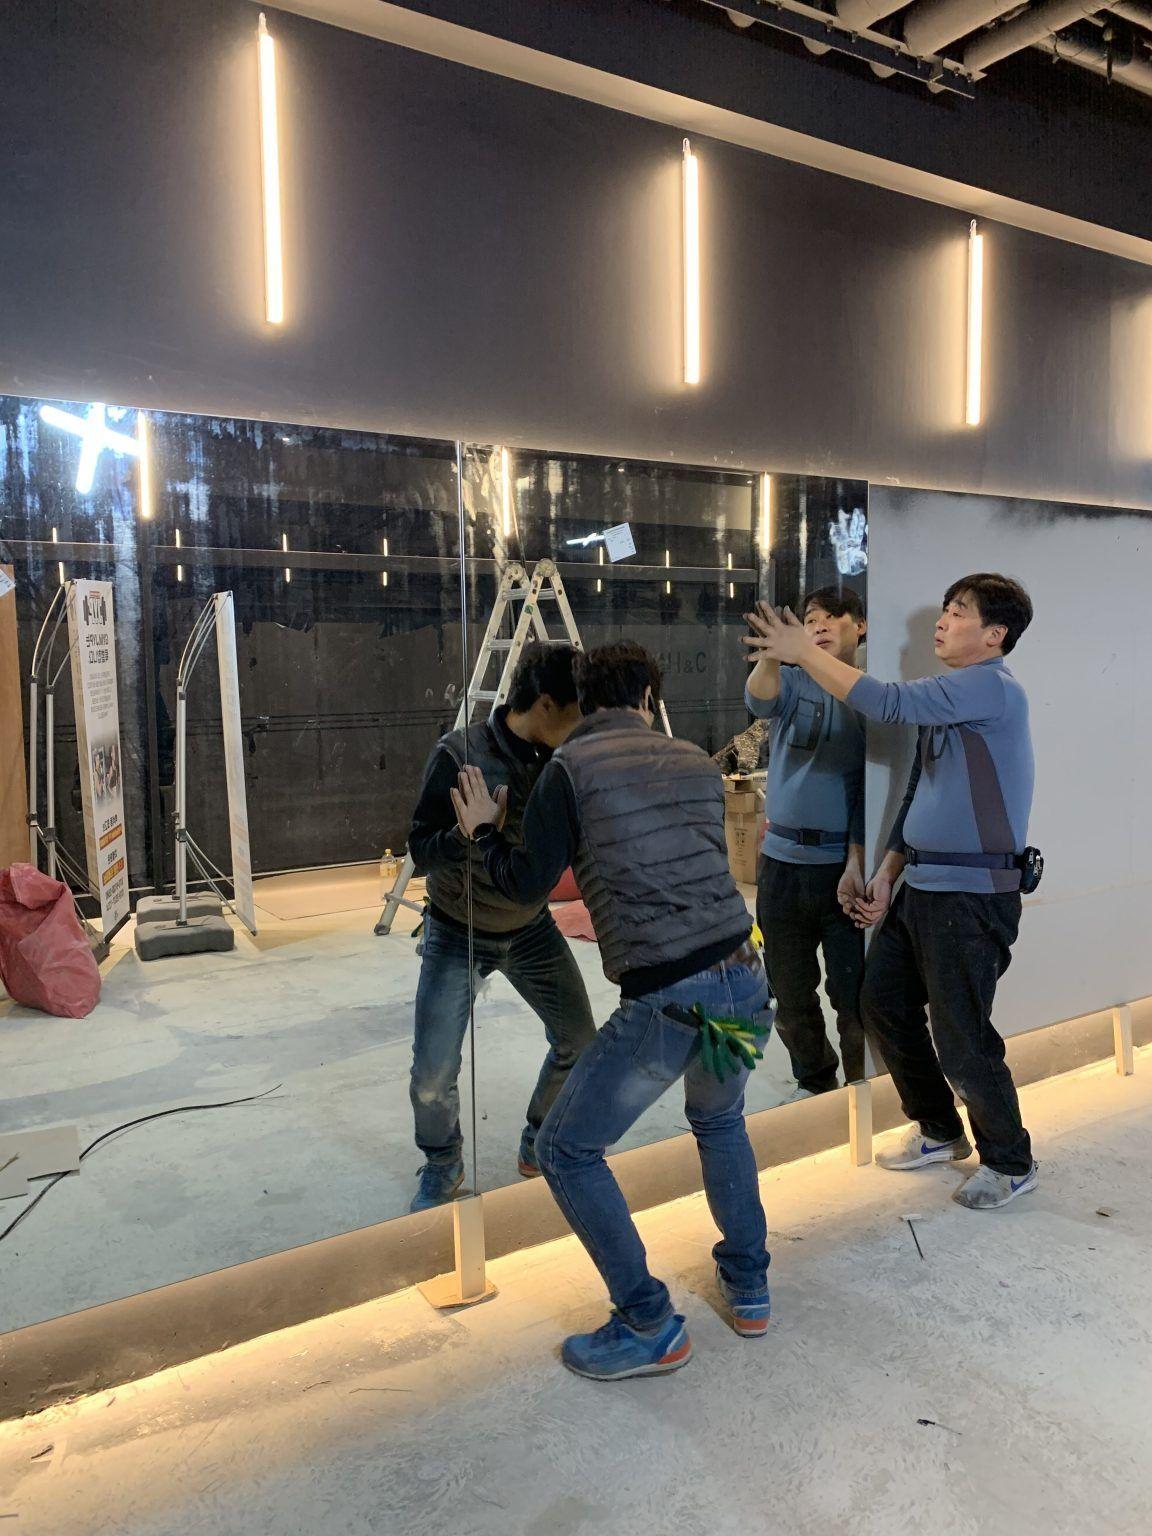 일산 소형 pt피티샵 헬스장인테리어 휘트니스 클럽공사 완료 – 사무실인테리어 공사 전문업체